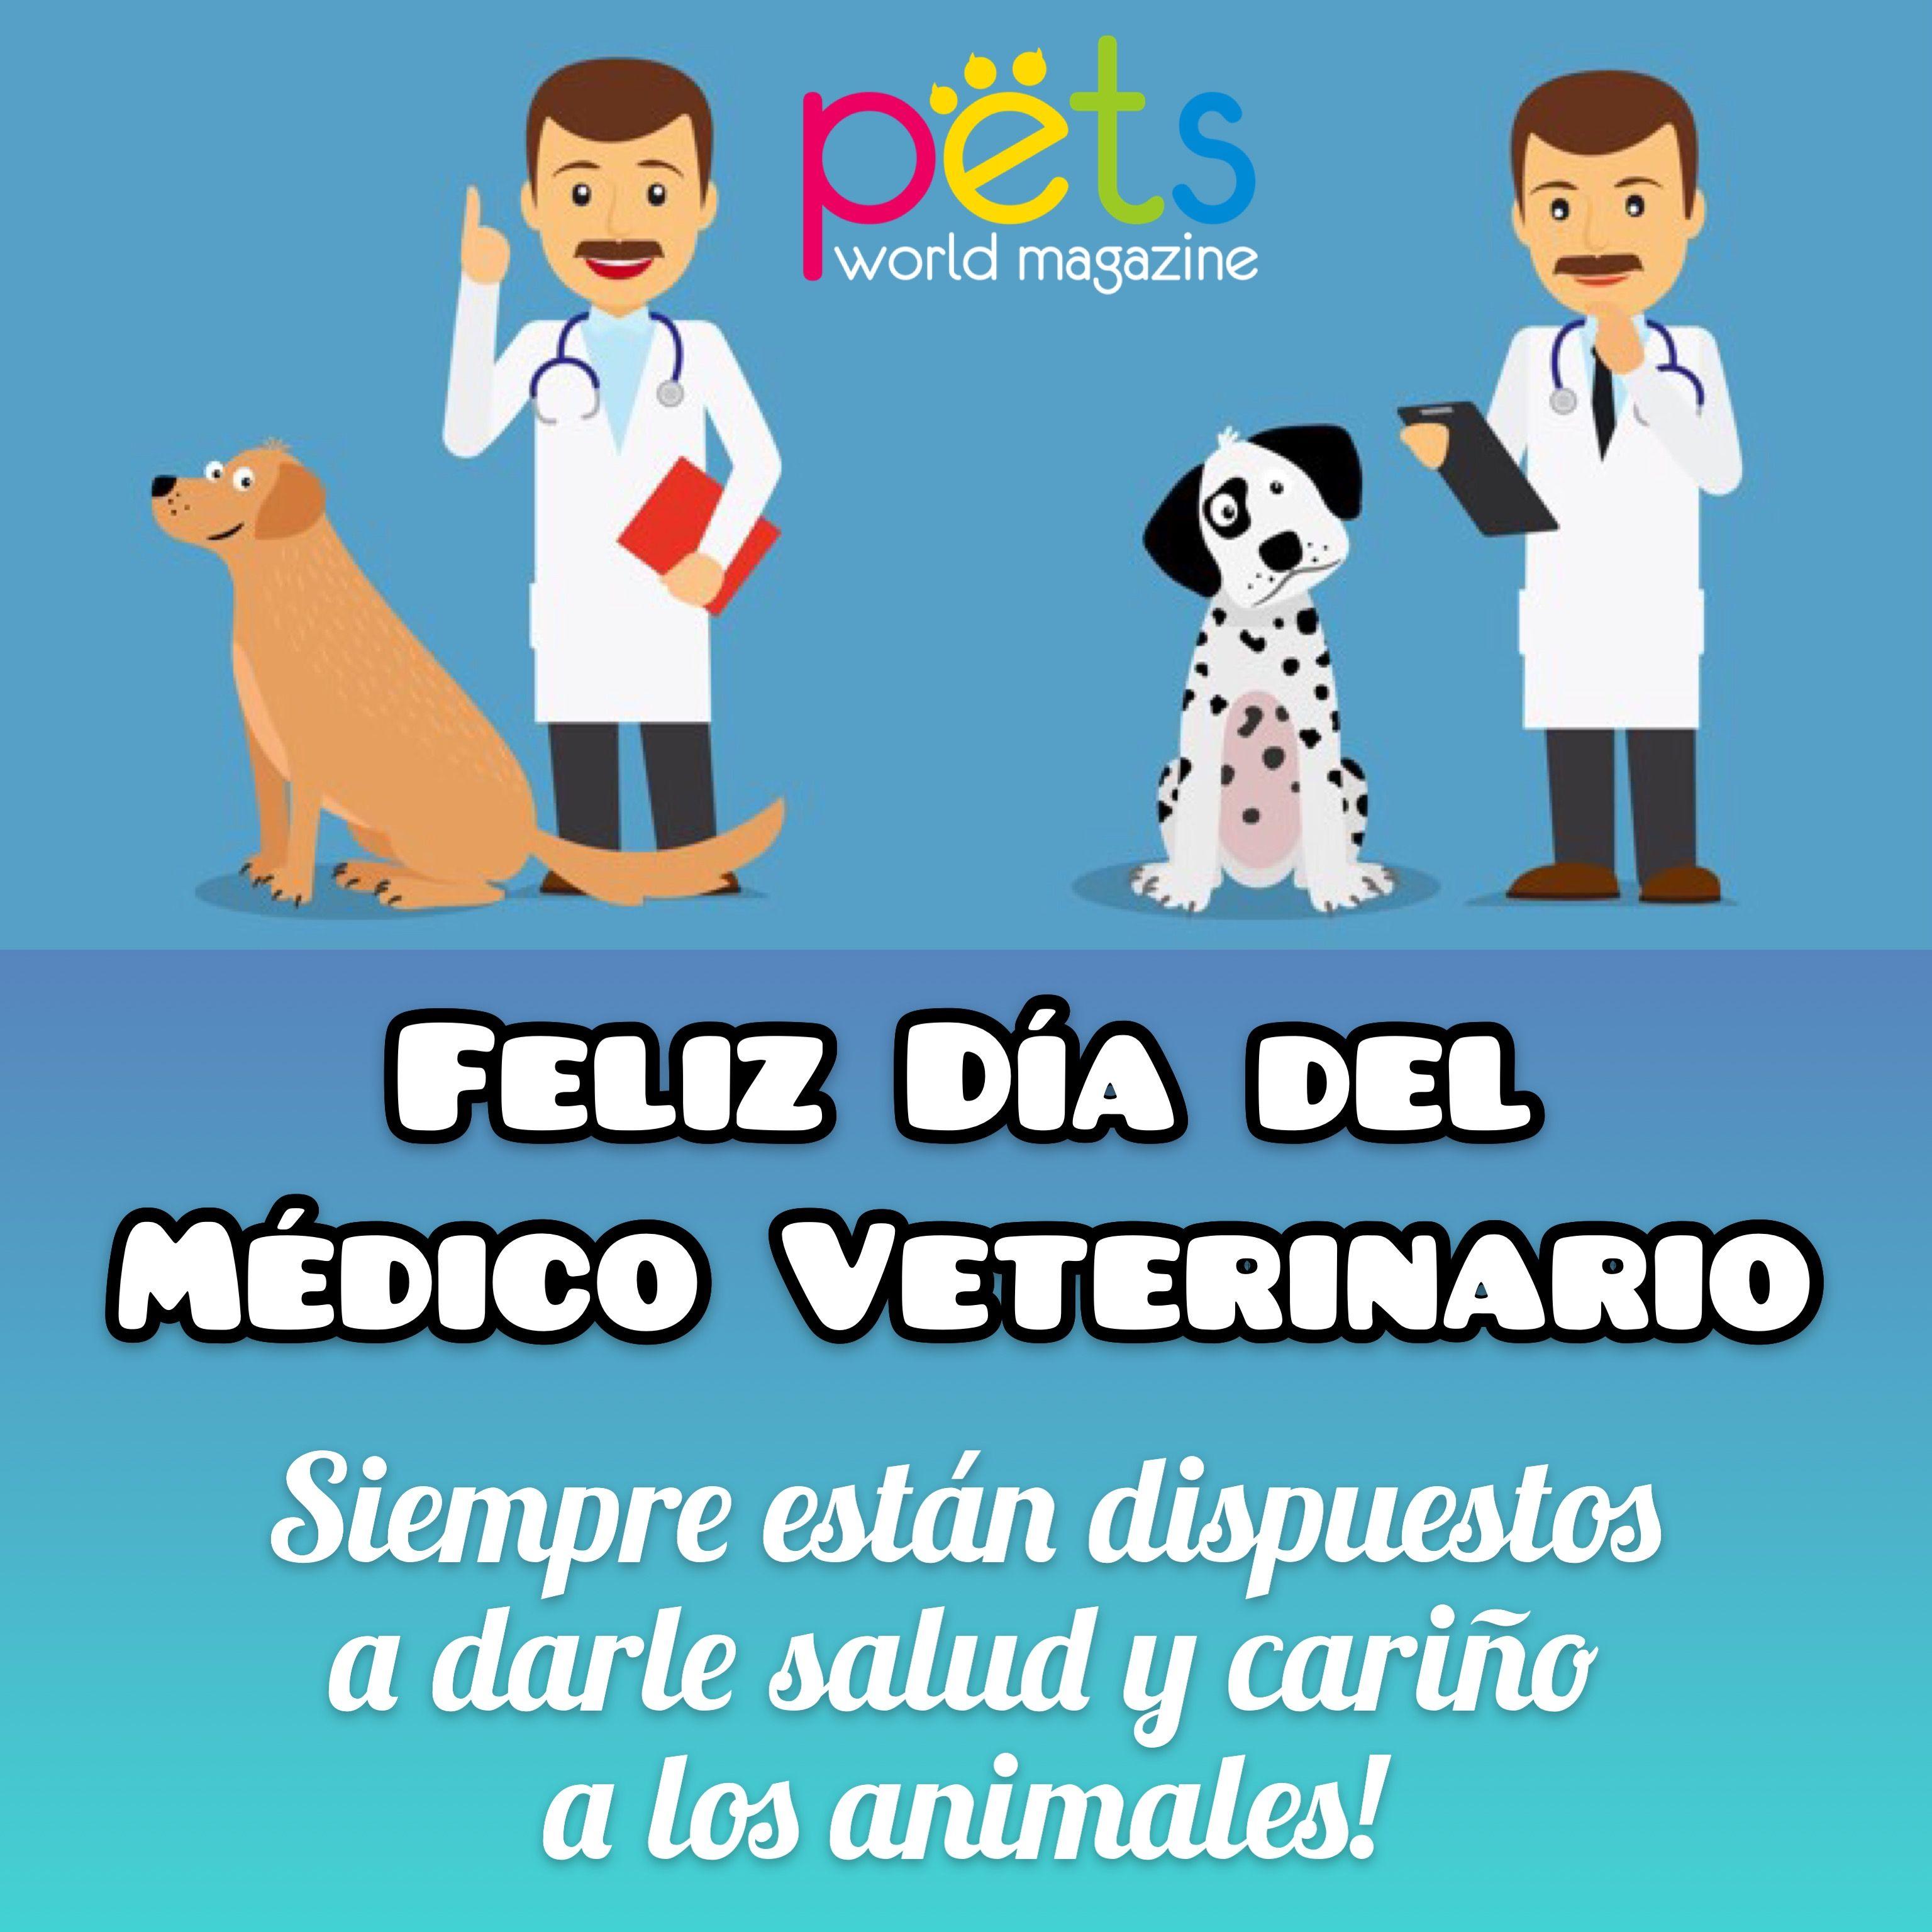 Feliz Dia Del Medico Veterinario Siempre Estan Dispuestos A Darle Salud Y Carino A Los Animales Pe Veterinary Veterinary Medicine Fictional Characters